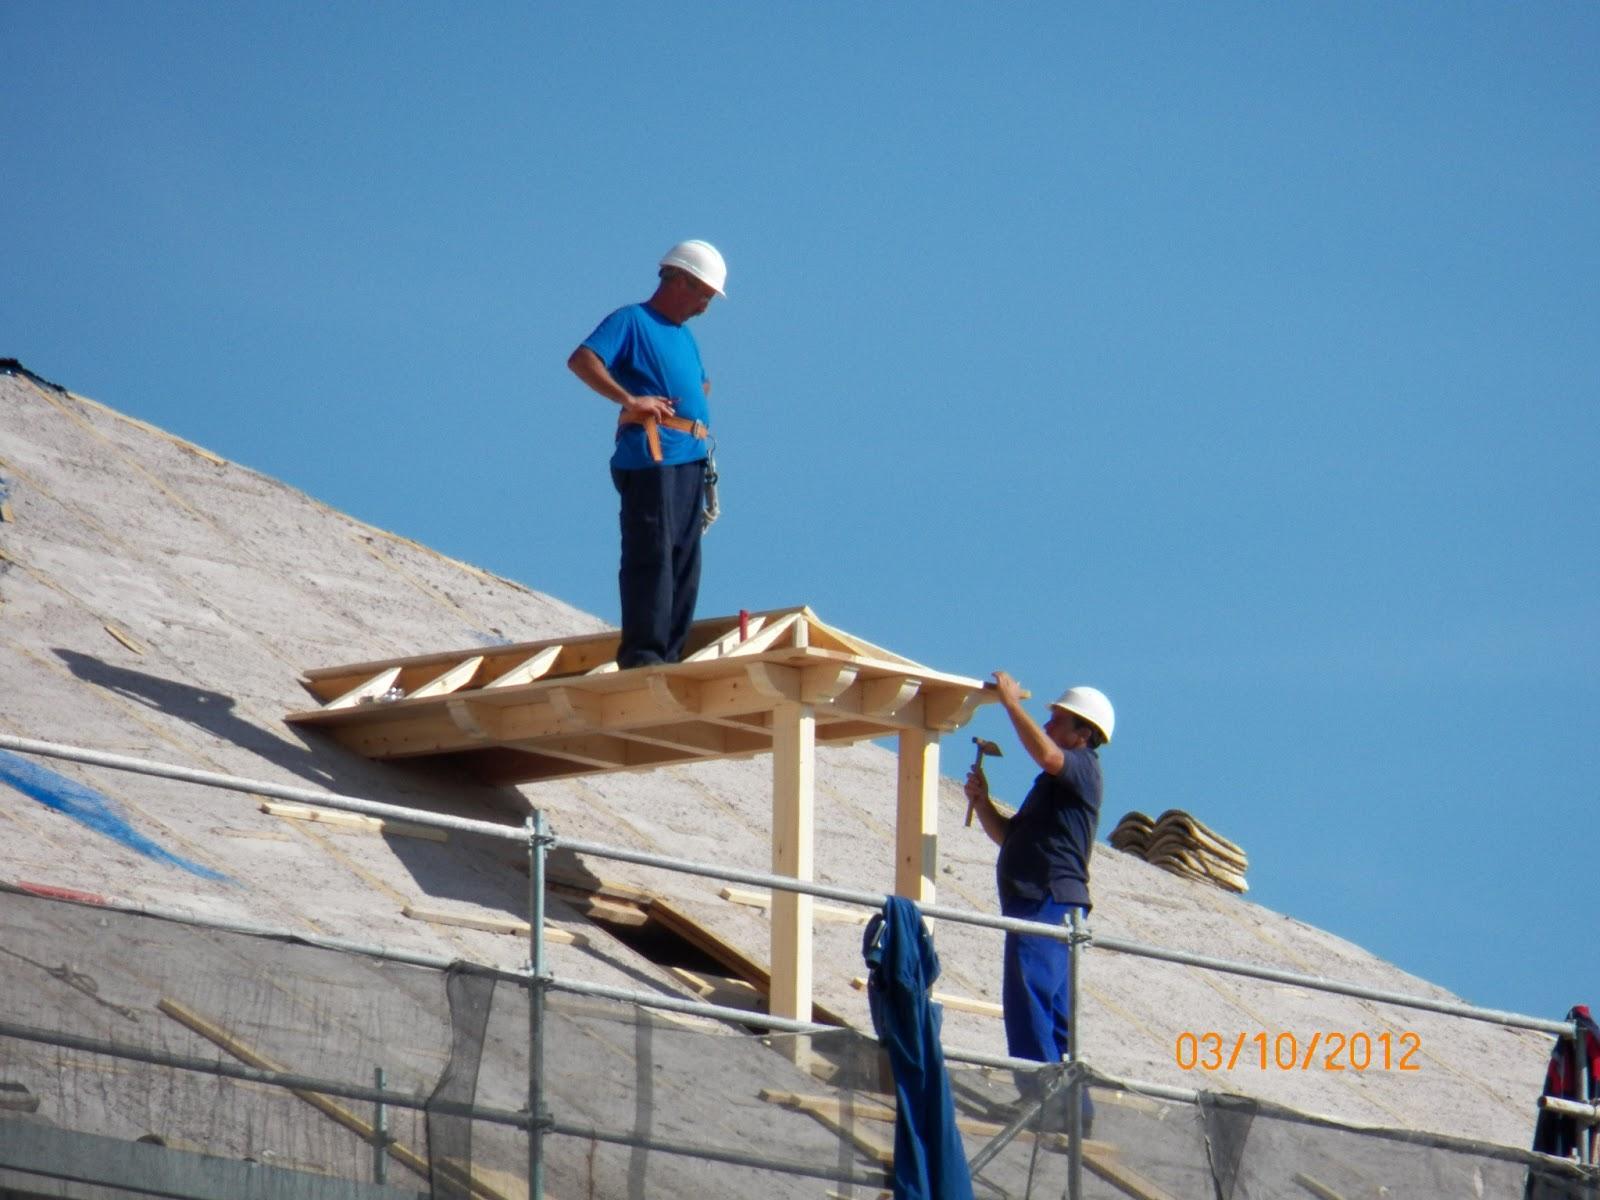 Todo tembleque obras de la restauraci n de la iglesia for Tejados de madera construccion